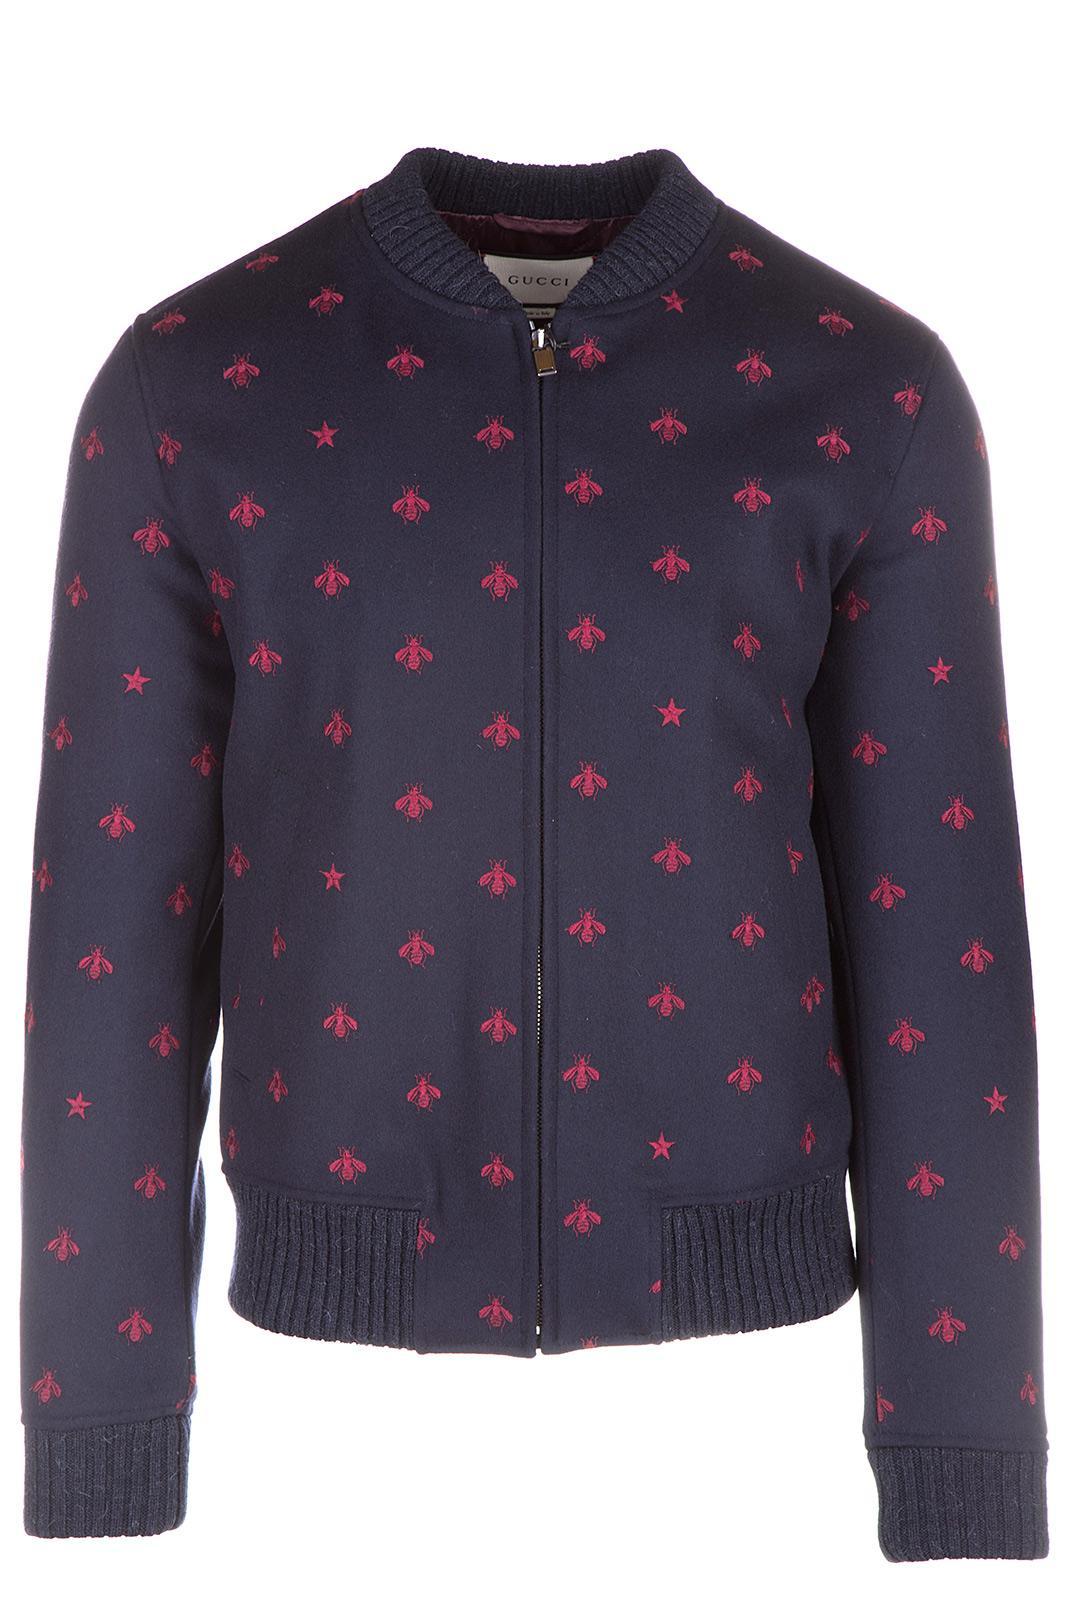 Gucci Men's Wool Outerwear Jacket Blouson In Blue